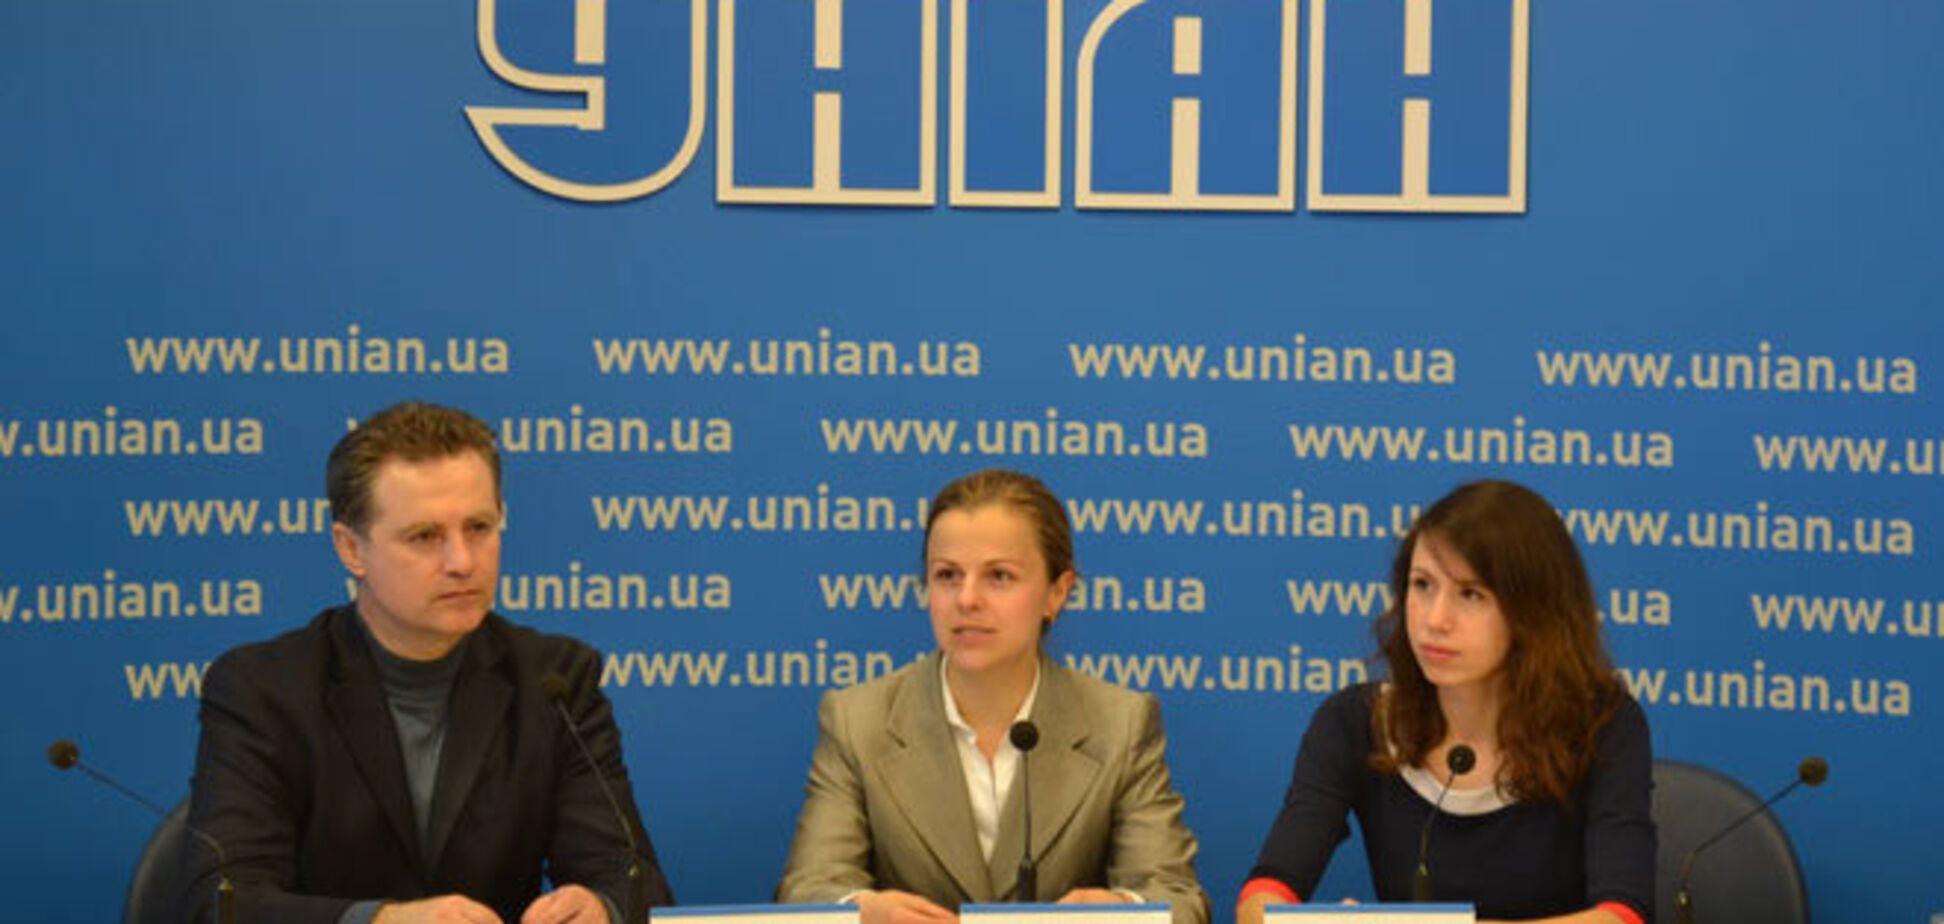 В Украине может начаться массовый самосуд — Павличенко